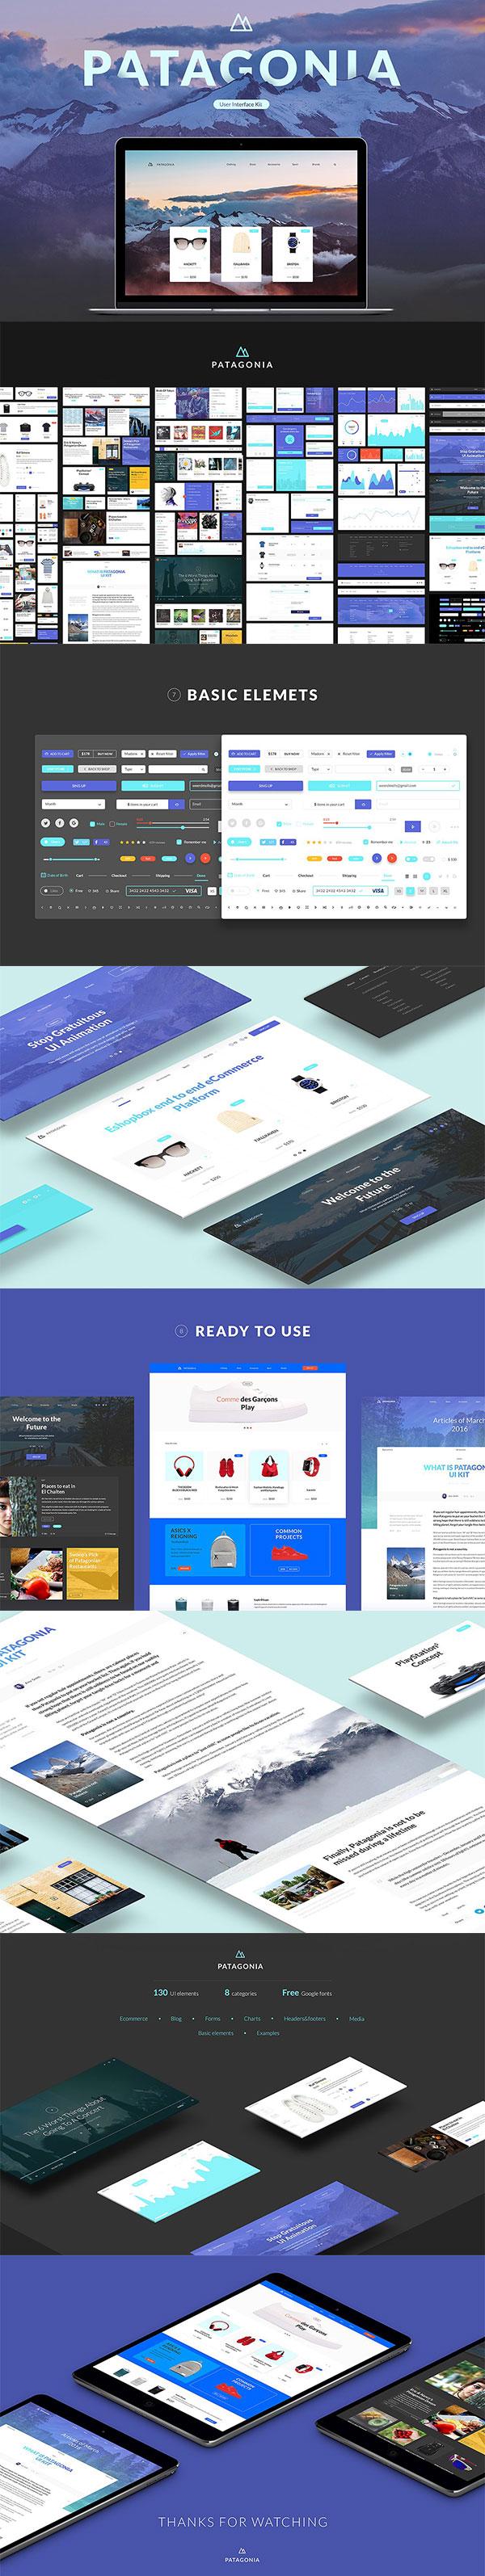 UI界面工具包